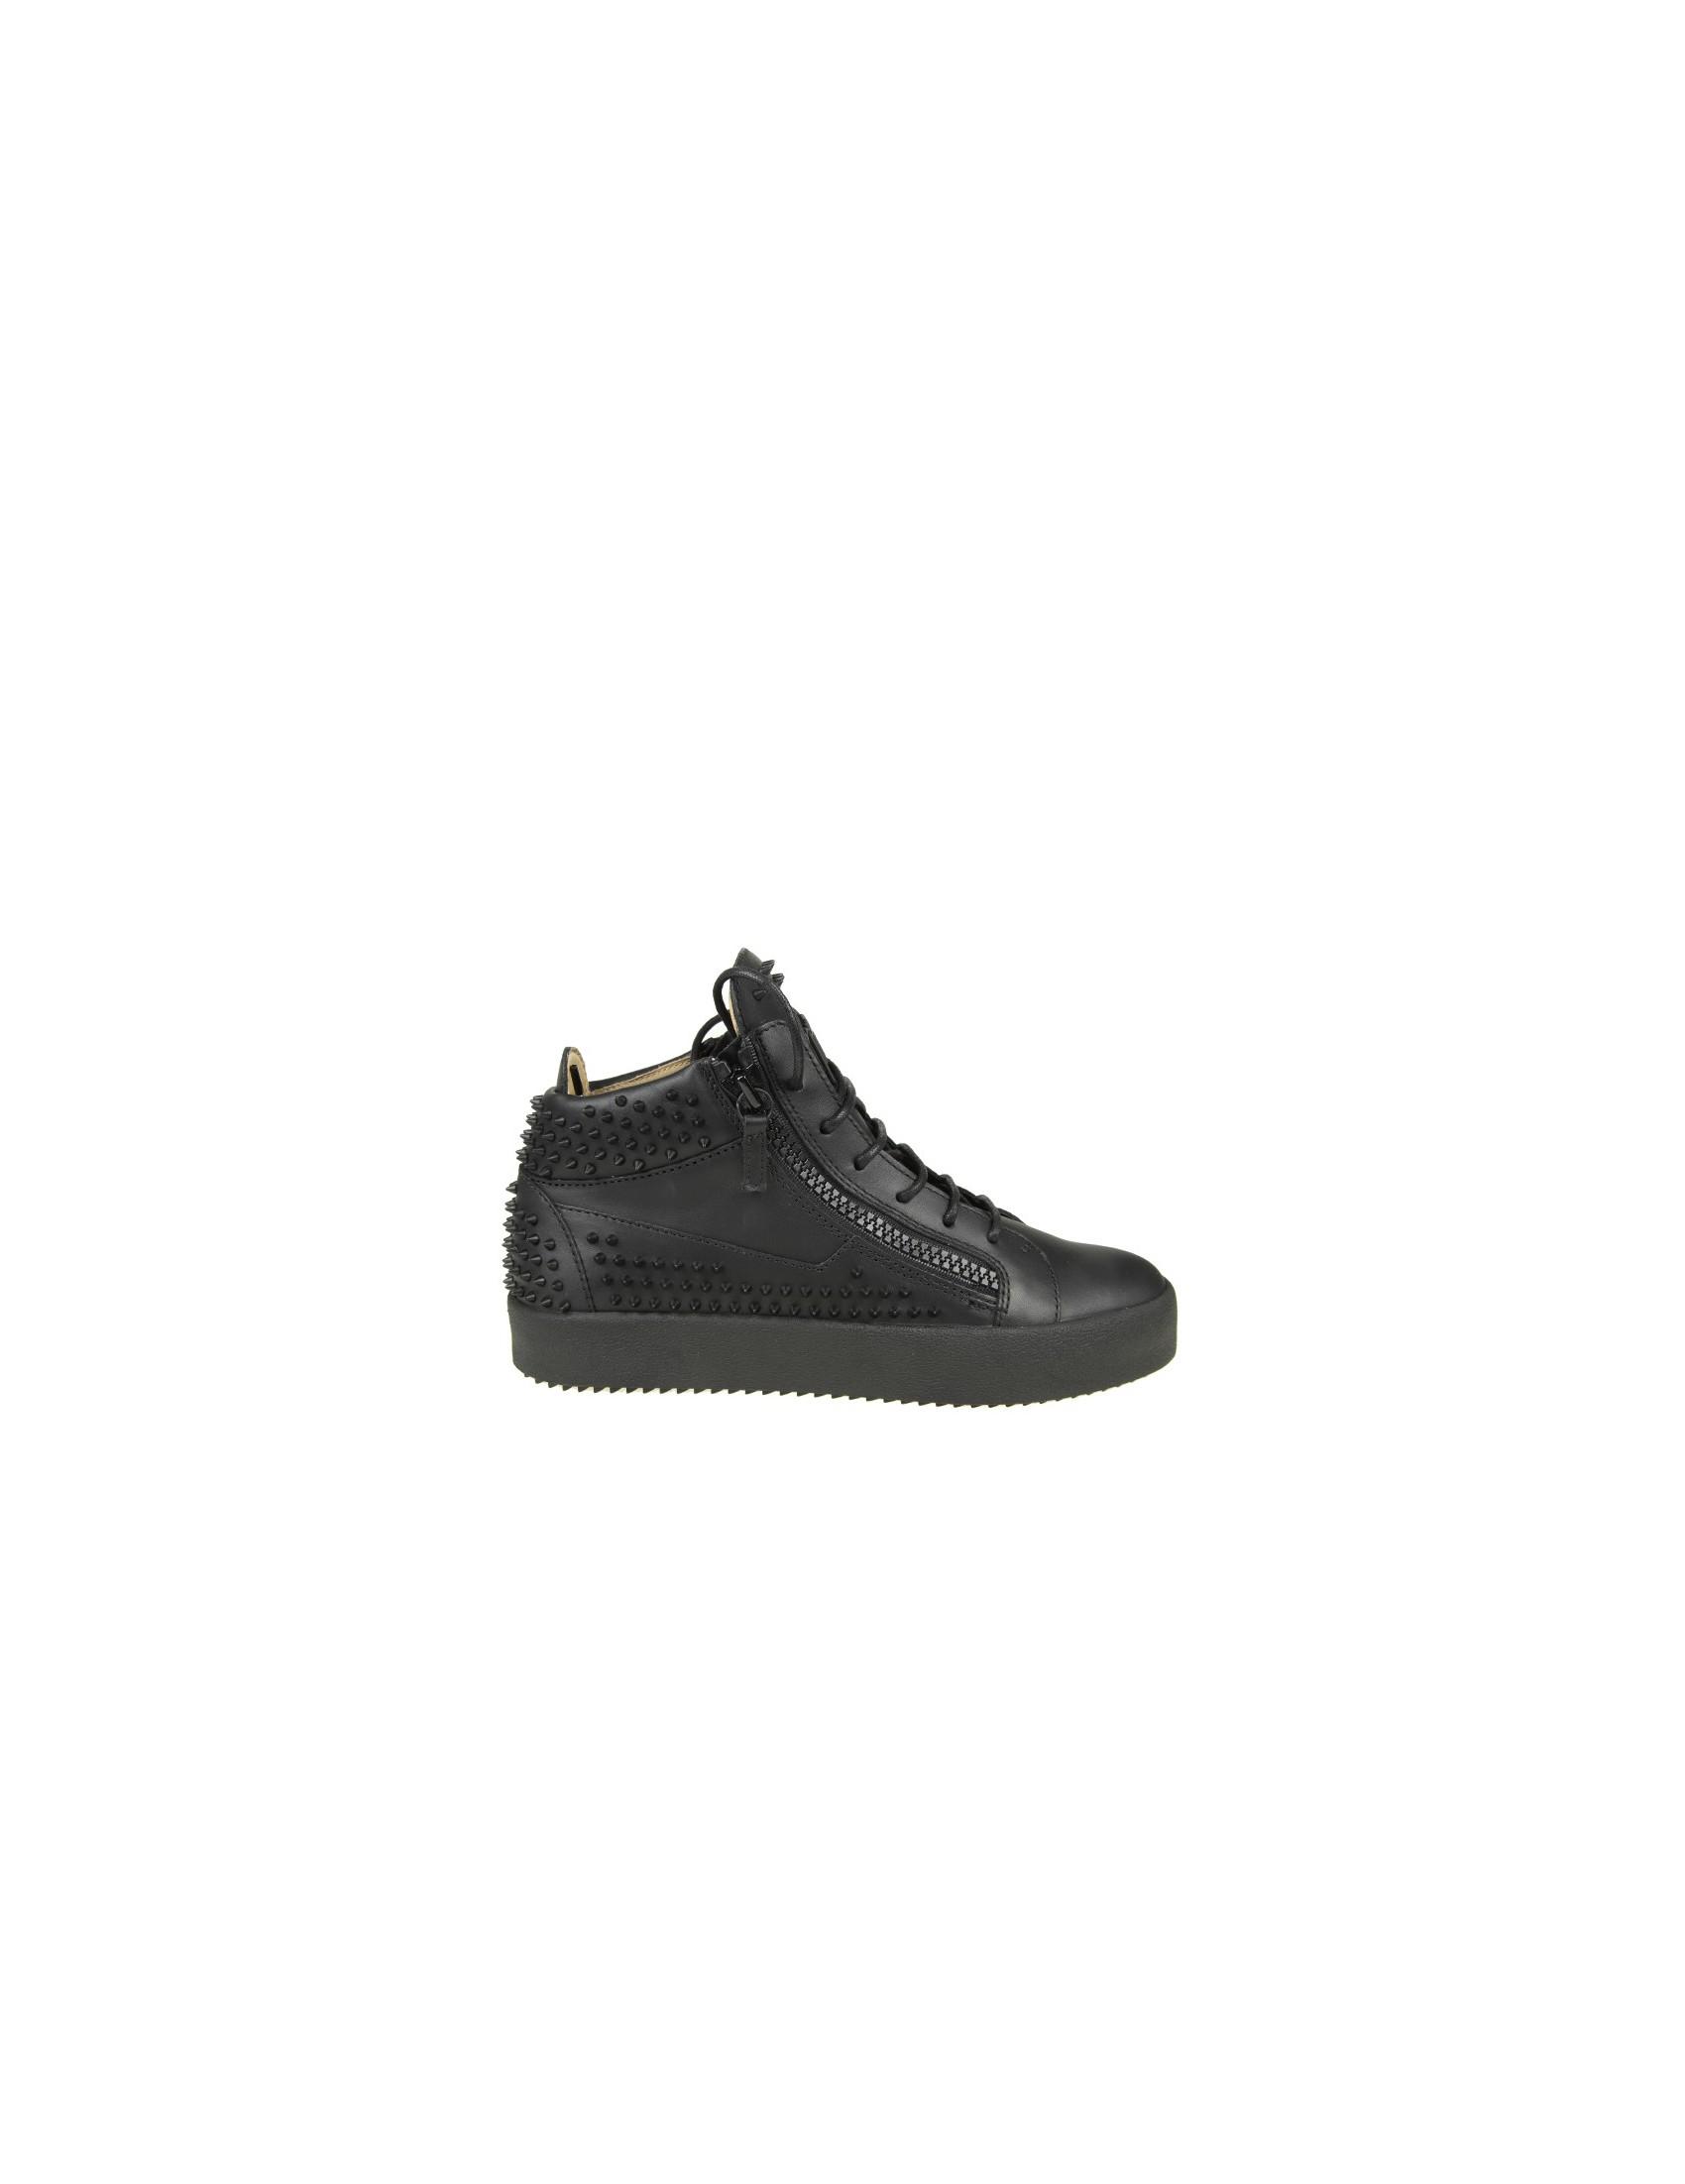 Chaussures De Sport De Conception Zanotti Peut Londres Giuseppe Dans La Peau Avec Des Clous Noirs hFLar